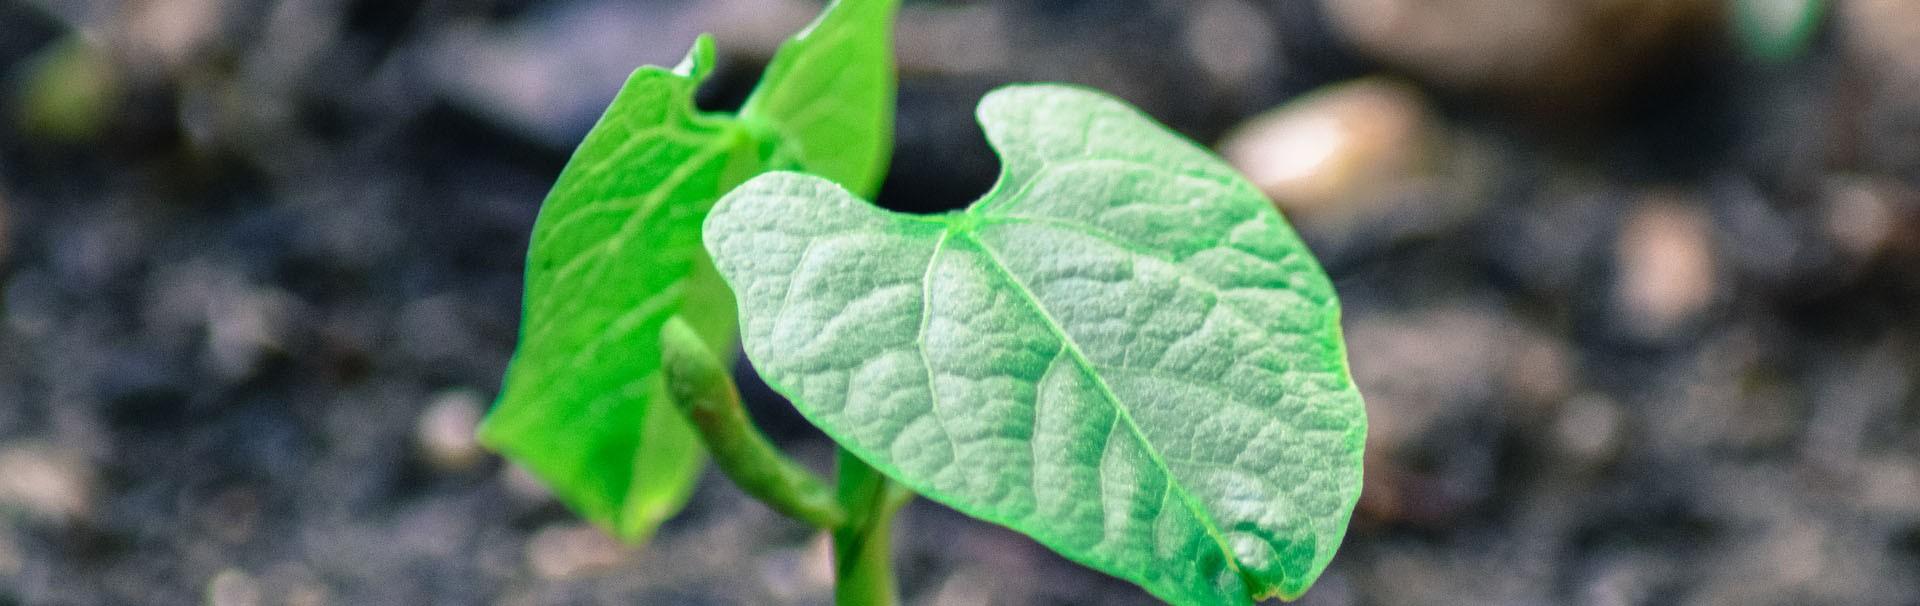 Résine écologique - 7 étanche